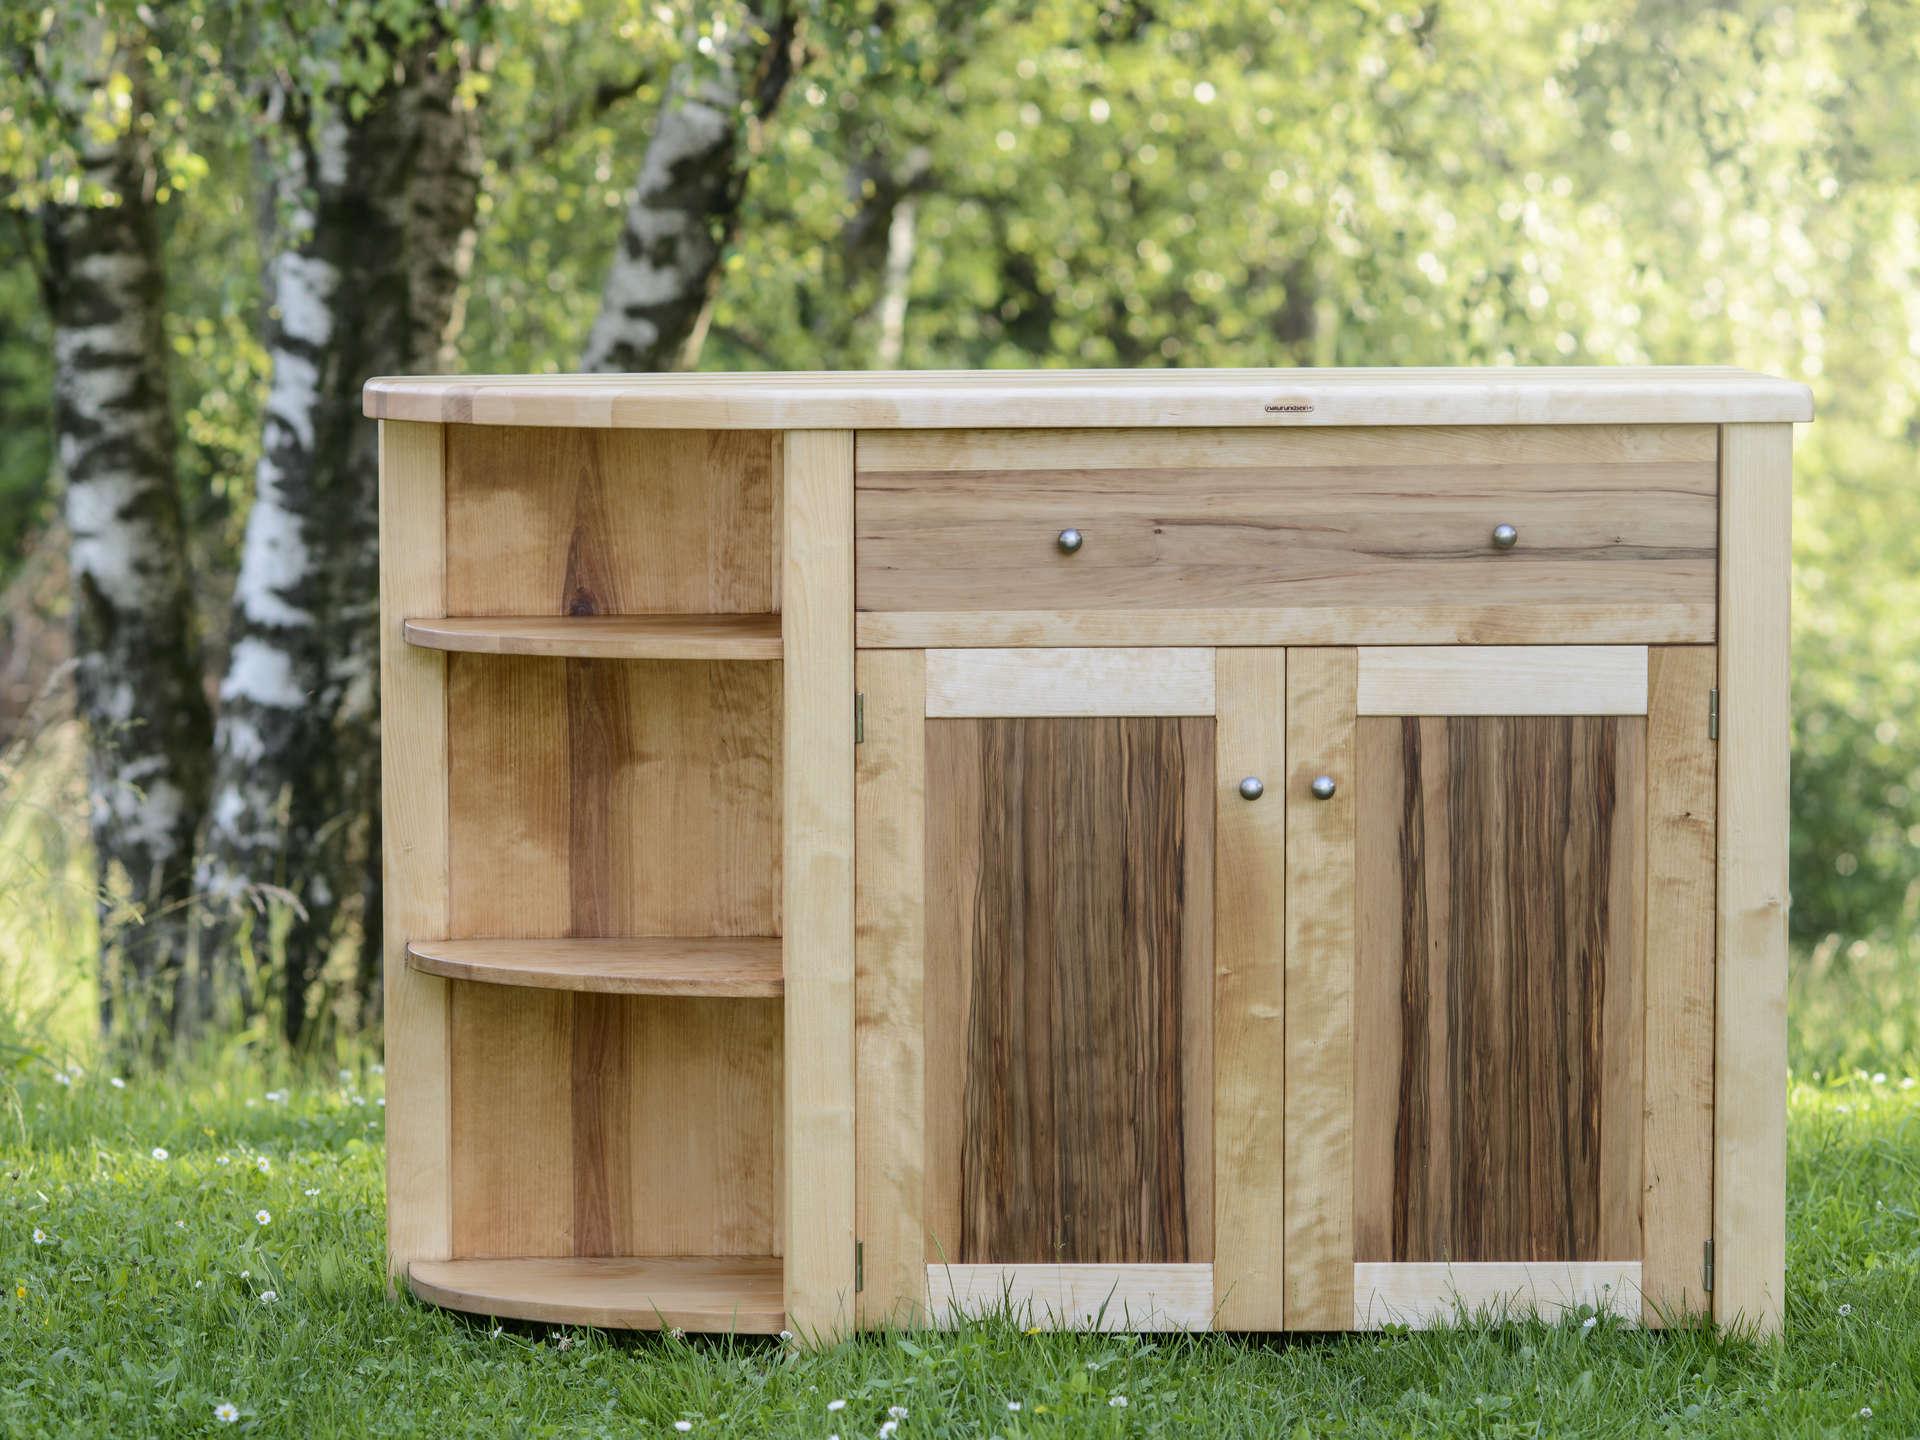 Massivholzkommode aus Birkenholz. Türen mit Füllungen aus Satinnuss. Geölte Oberfläche. Individuell gefertigt.